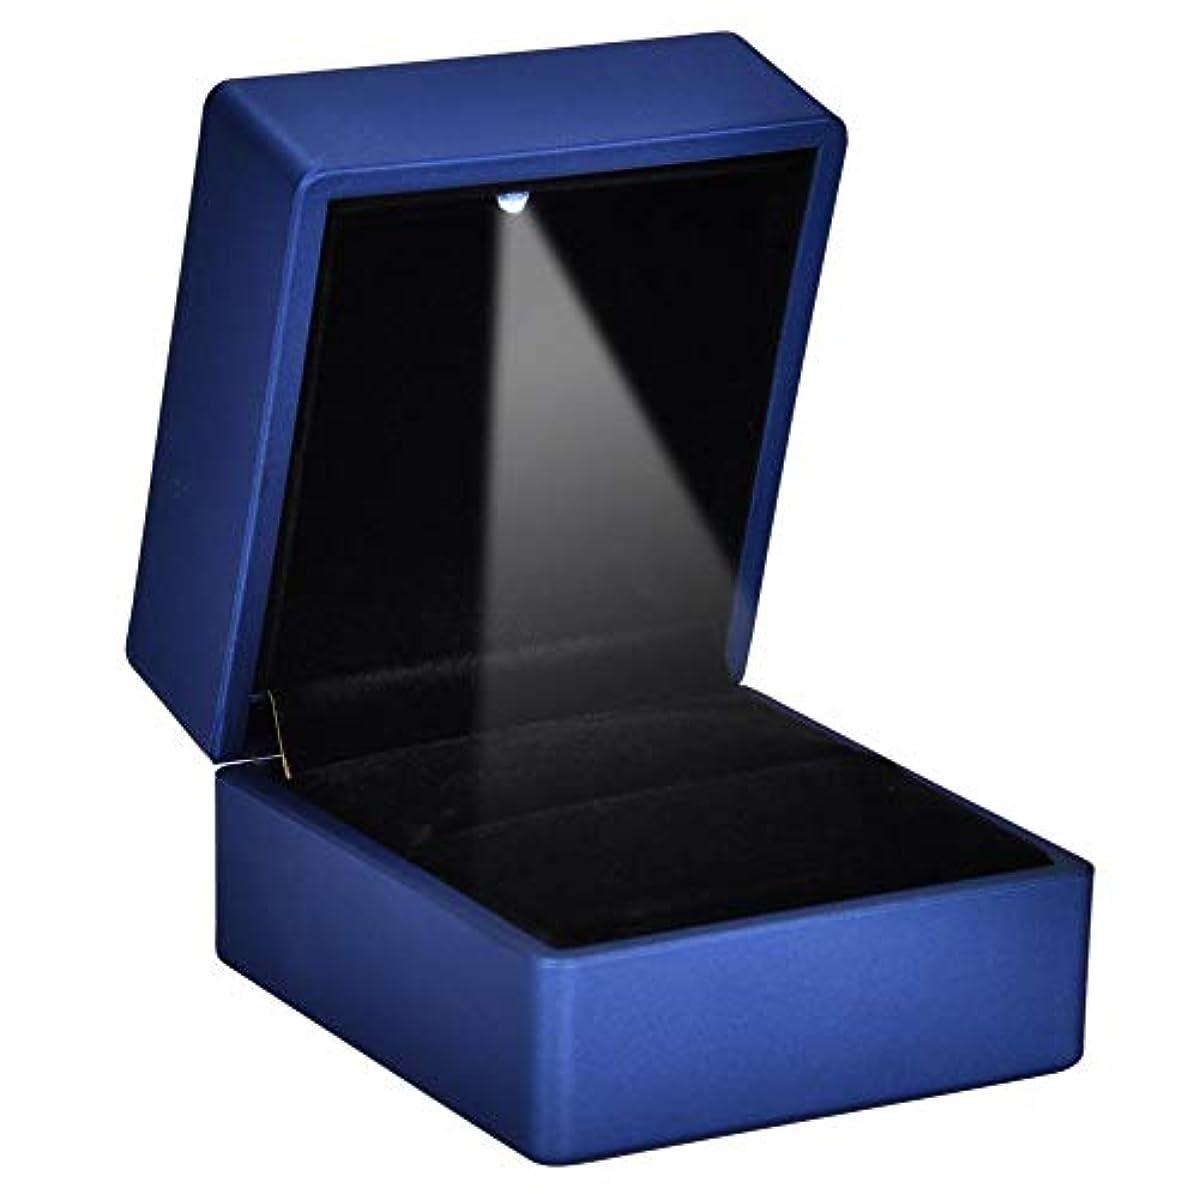 堤防悪意のあるスリーブ2種類ファッショナブルなLEDリングボックス - 内部LED照明付きリングケース、ジュエリーホルダーリング収納ケース、結婚式の提案(ブルー-90 * 70 * 35)